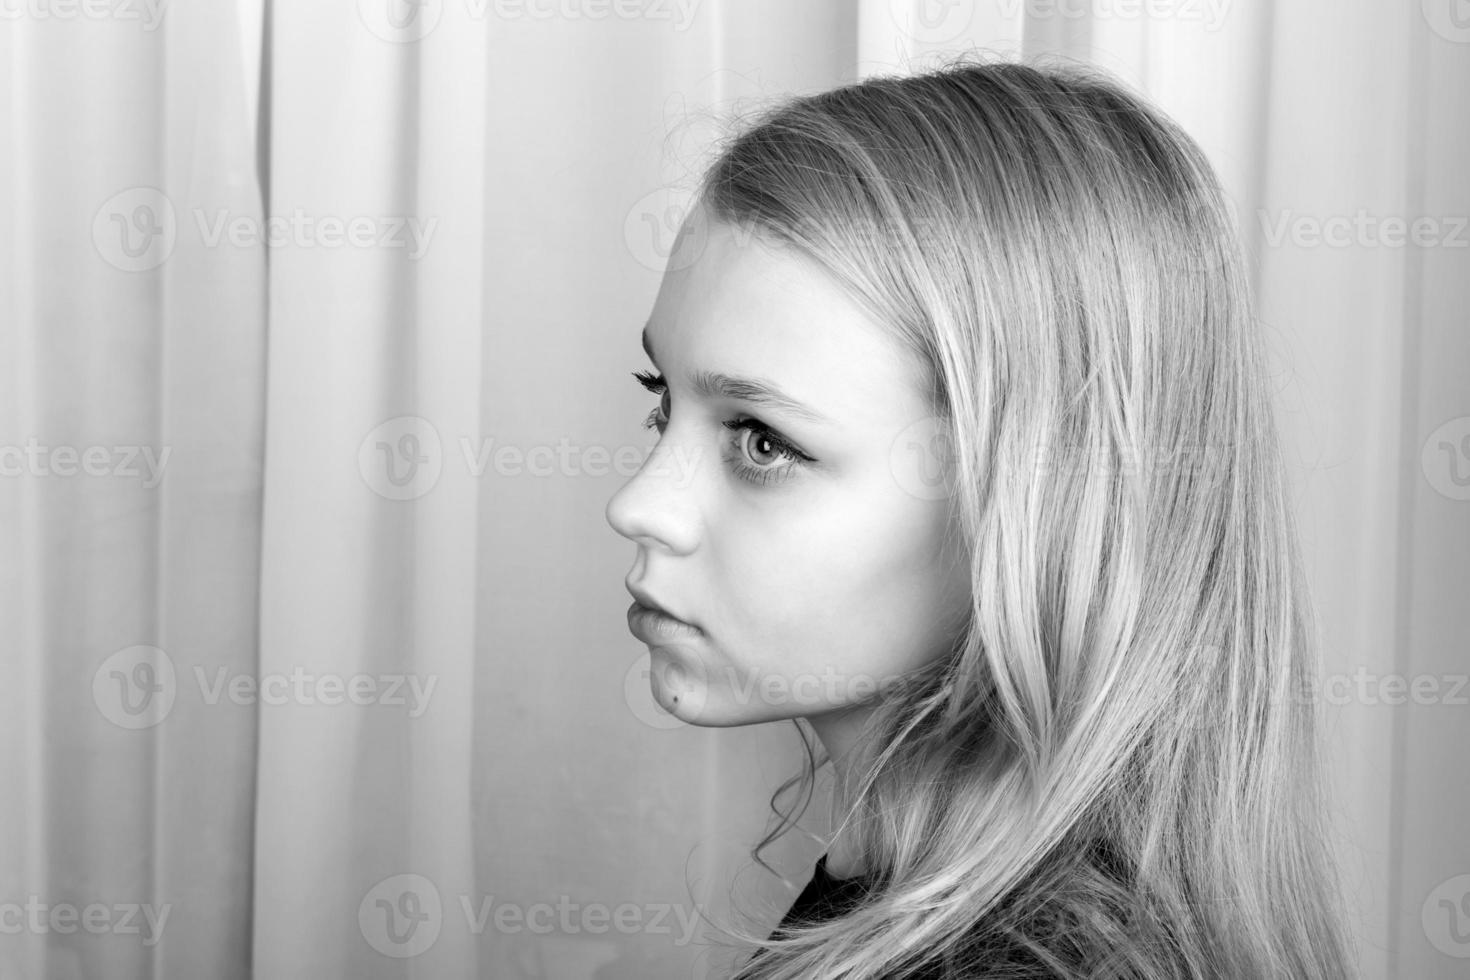 ragazza caucasica bionda seria, ritratto monocromatico foto